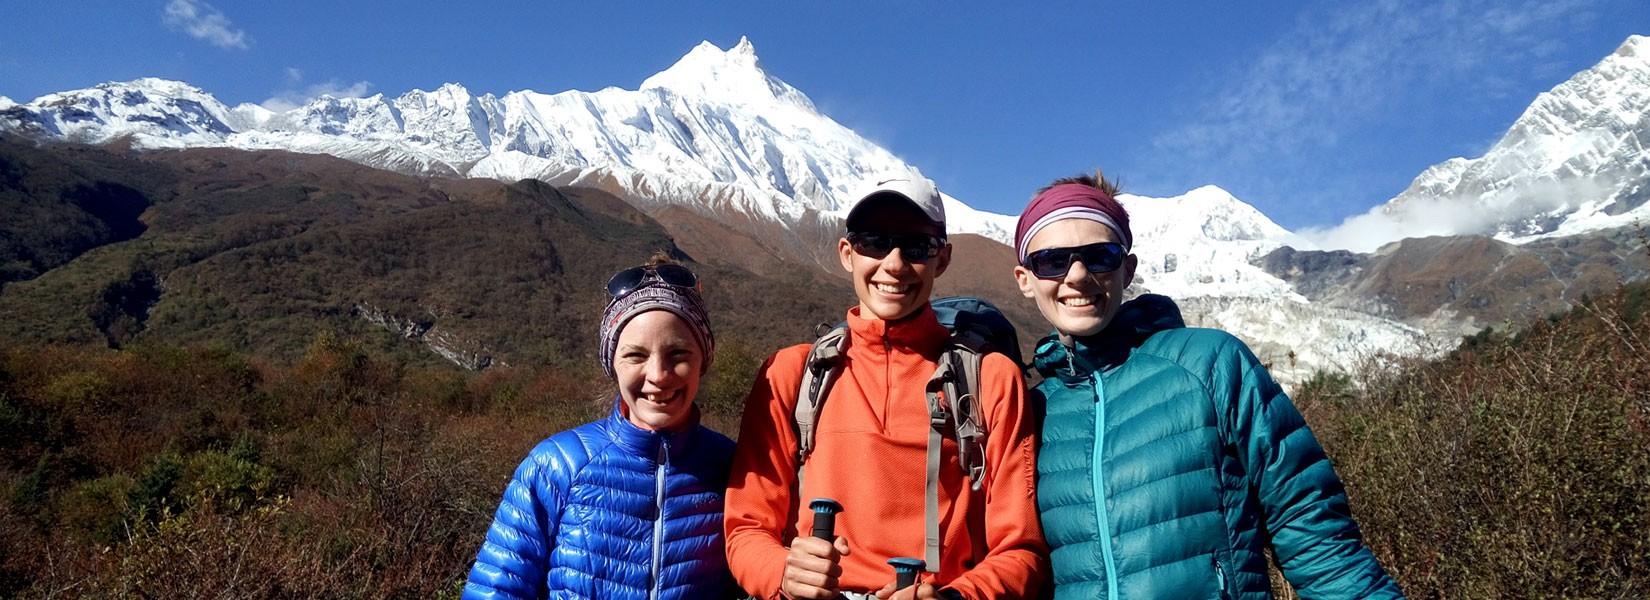 Manaslu - Tsum Valley and Larkya Pass Trekking